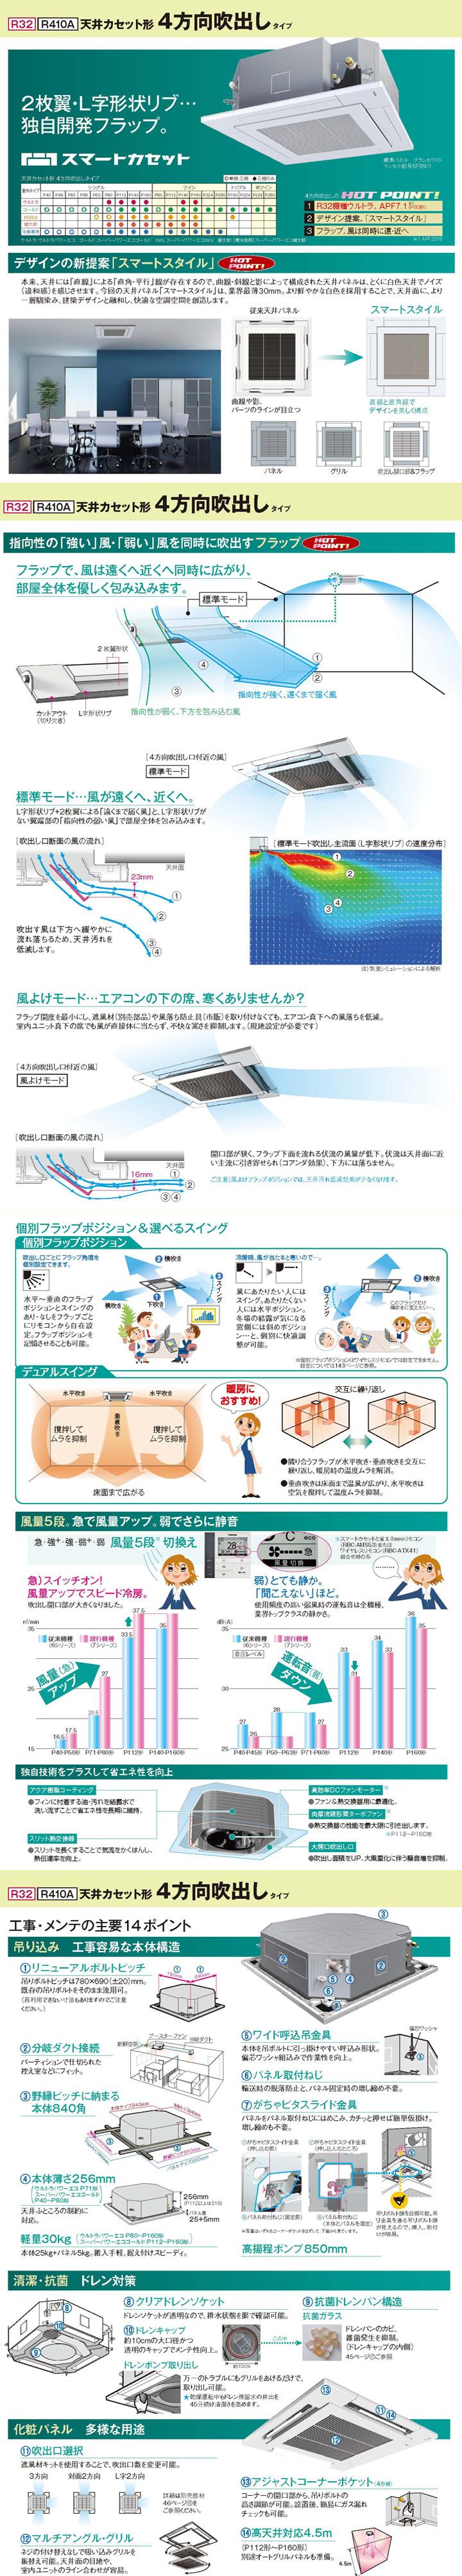 東芝 RUSA04533JM 業務用エアコン